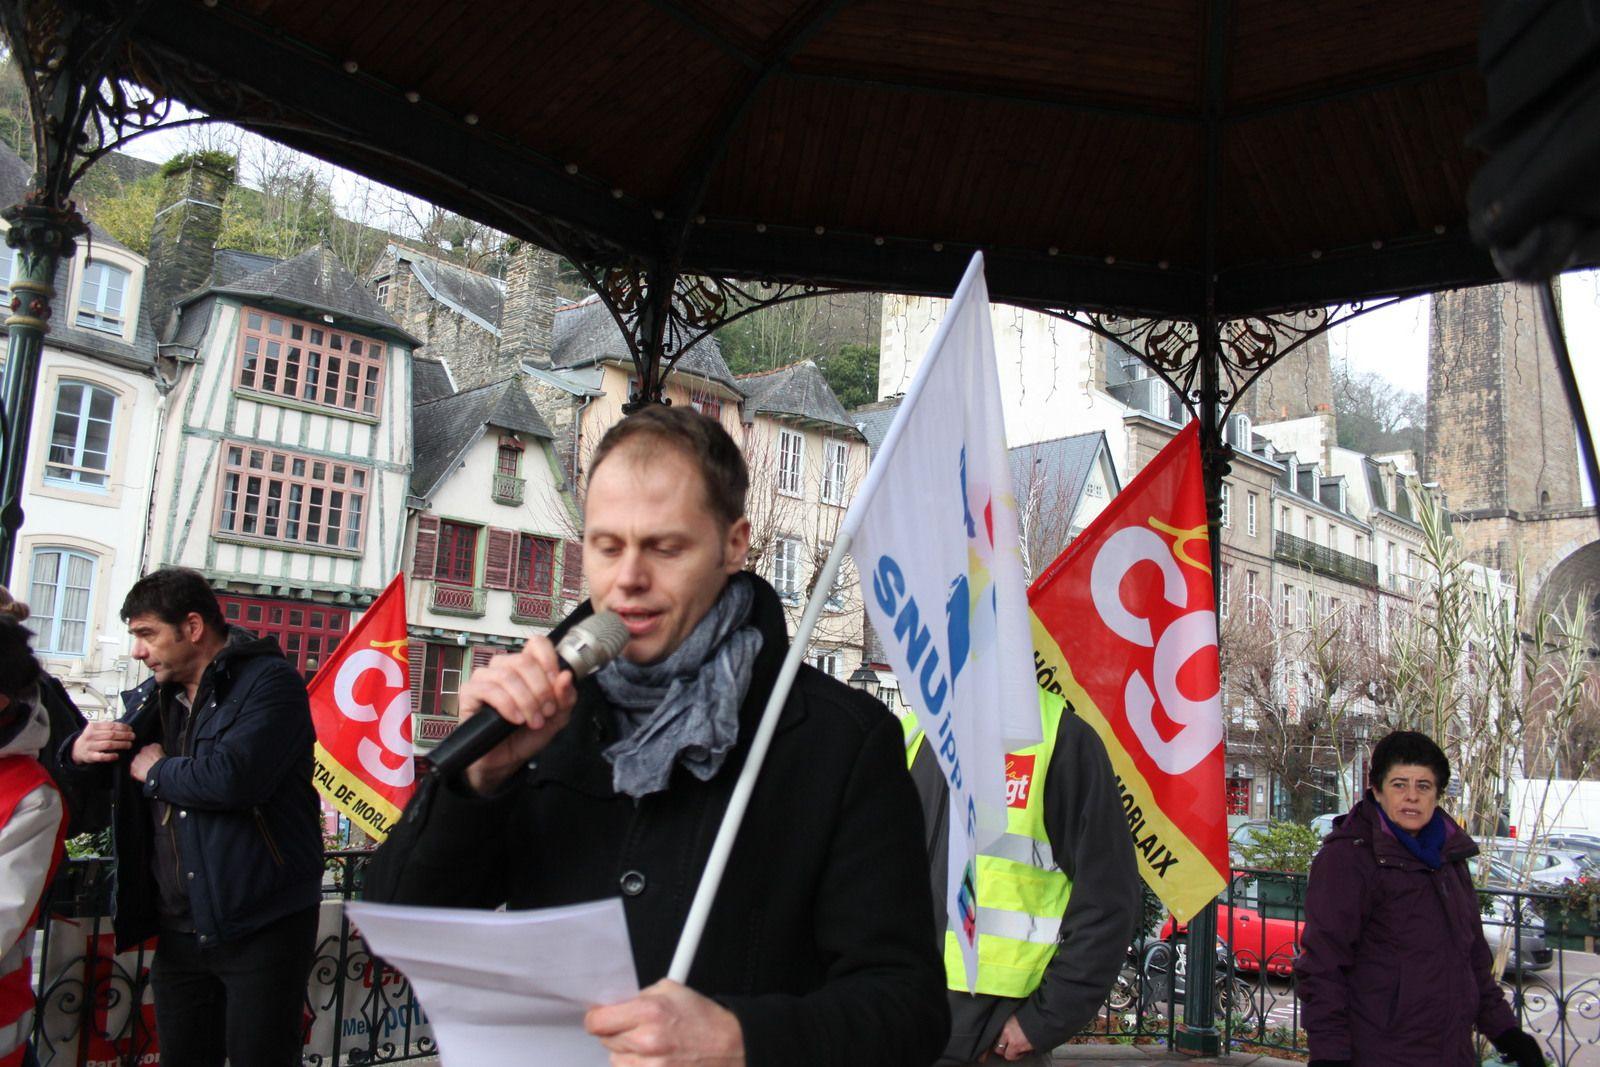 Manif du 24 janvier 2020 à Morlaix contre la réforme des retraites: 900 manifestants à la détermination intacte- Photos Jean-Luc Le Calvez et Pierre-Yvon Boisnard